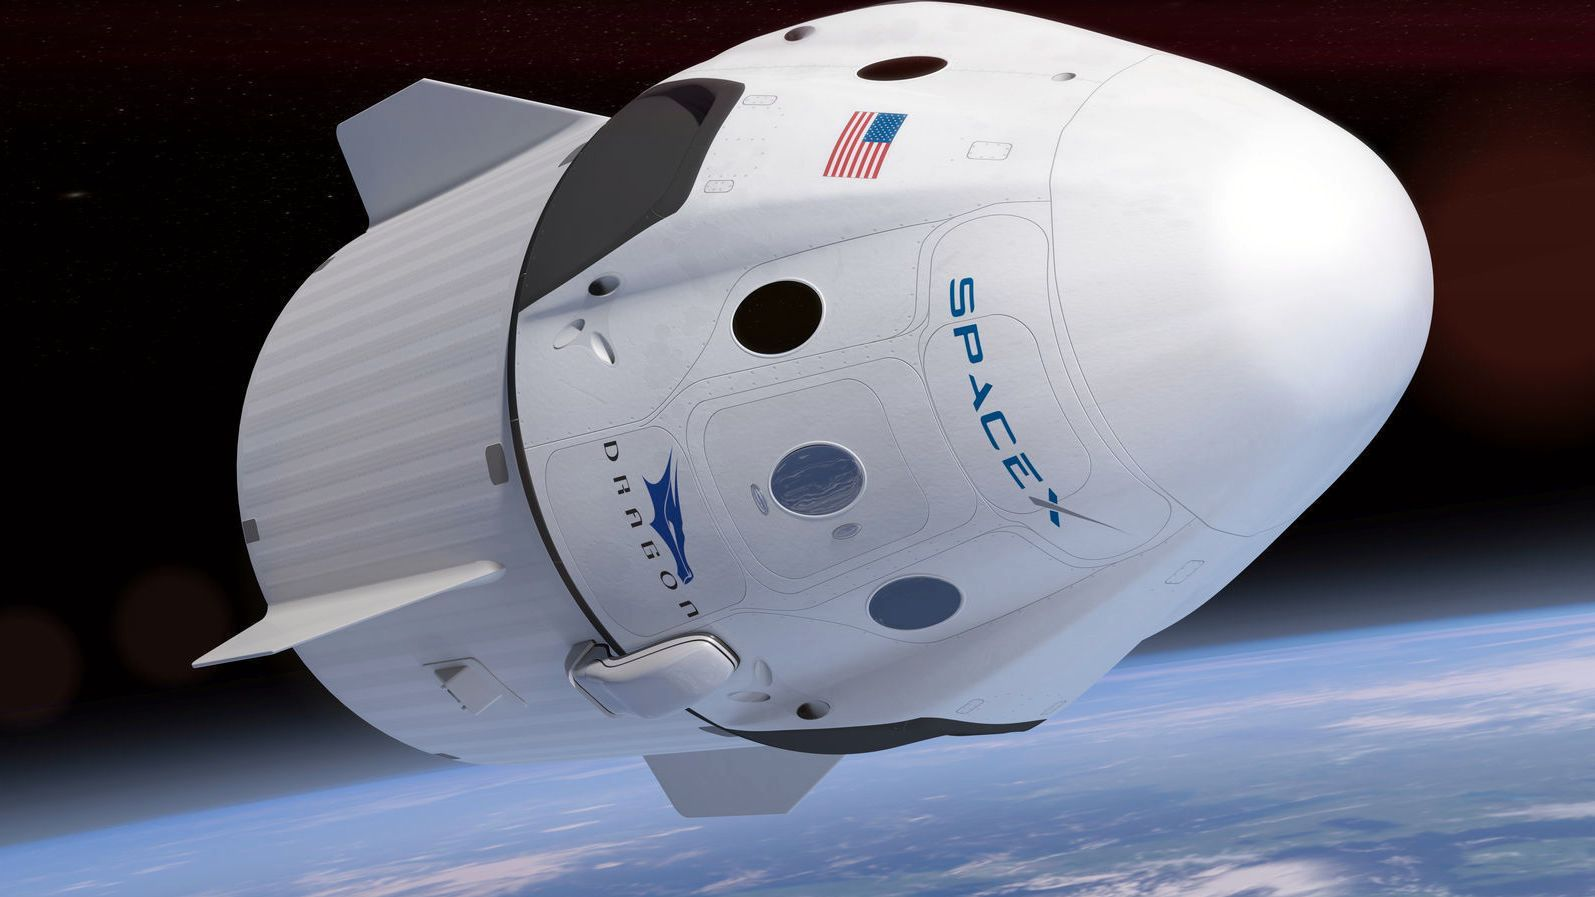 Nå kan du sikre deg en av de to siste plassene på Den internasjonale romstasjonen